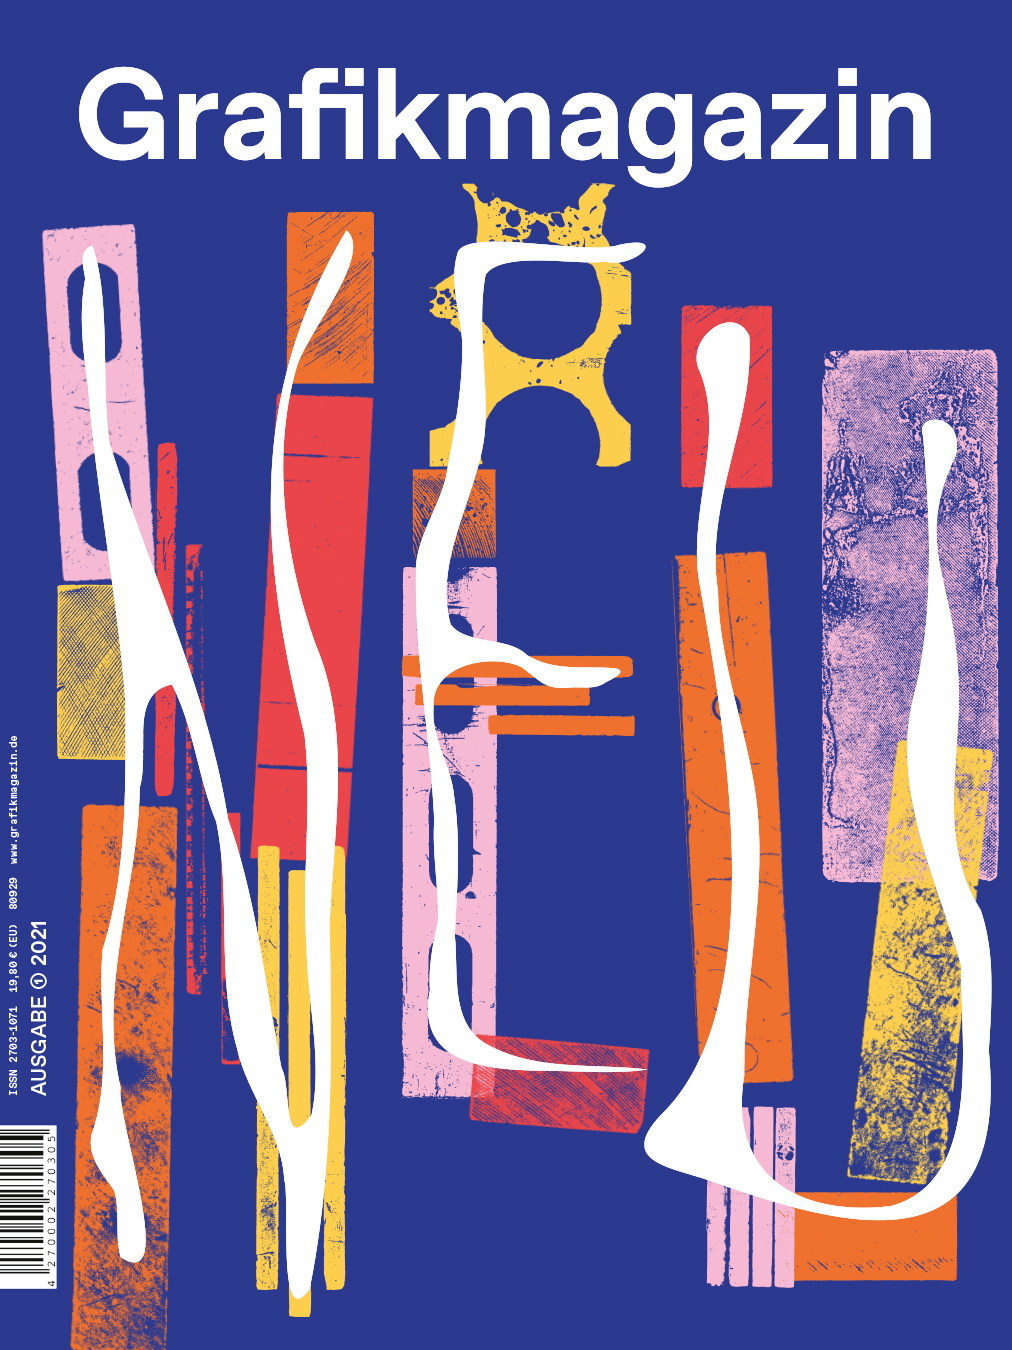 FW-Bookstore_Vorschaubild_0001_Grafikmagazin 01-21